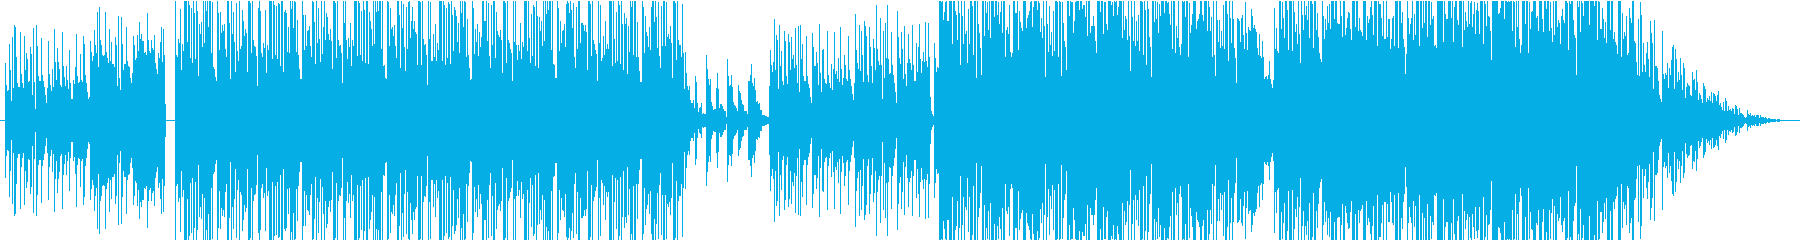 スタイリッシュで幻想的、ジャズ調BGMの再生済みの波形